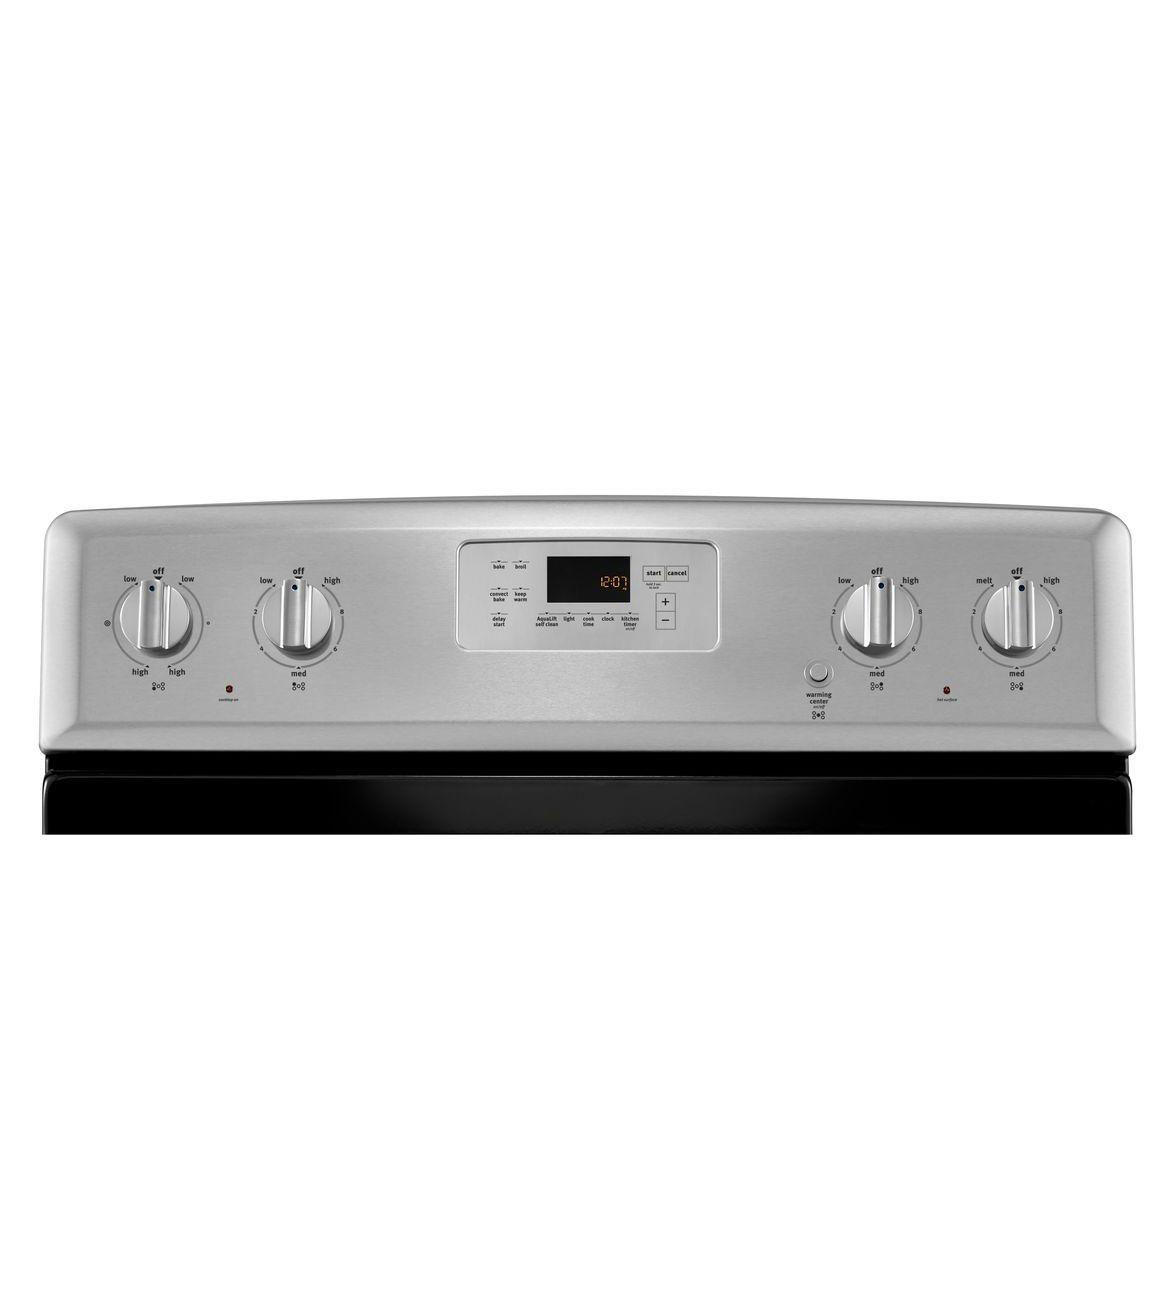 Cuisinière électrique non encastrée -6,2 pi cu avec poignées en acier inoxydable